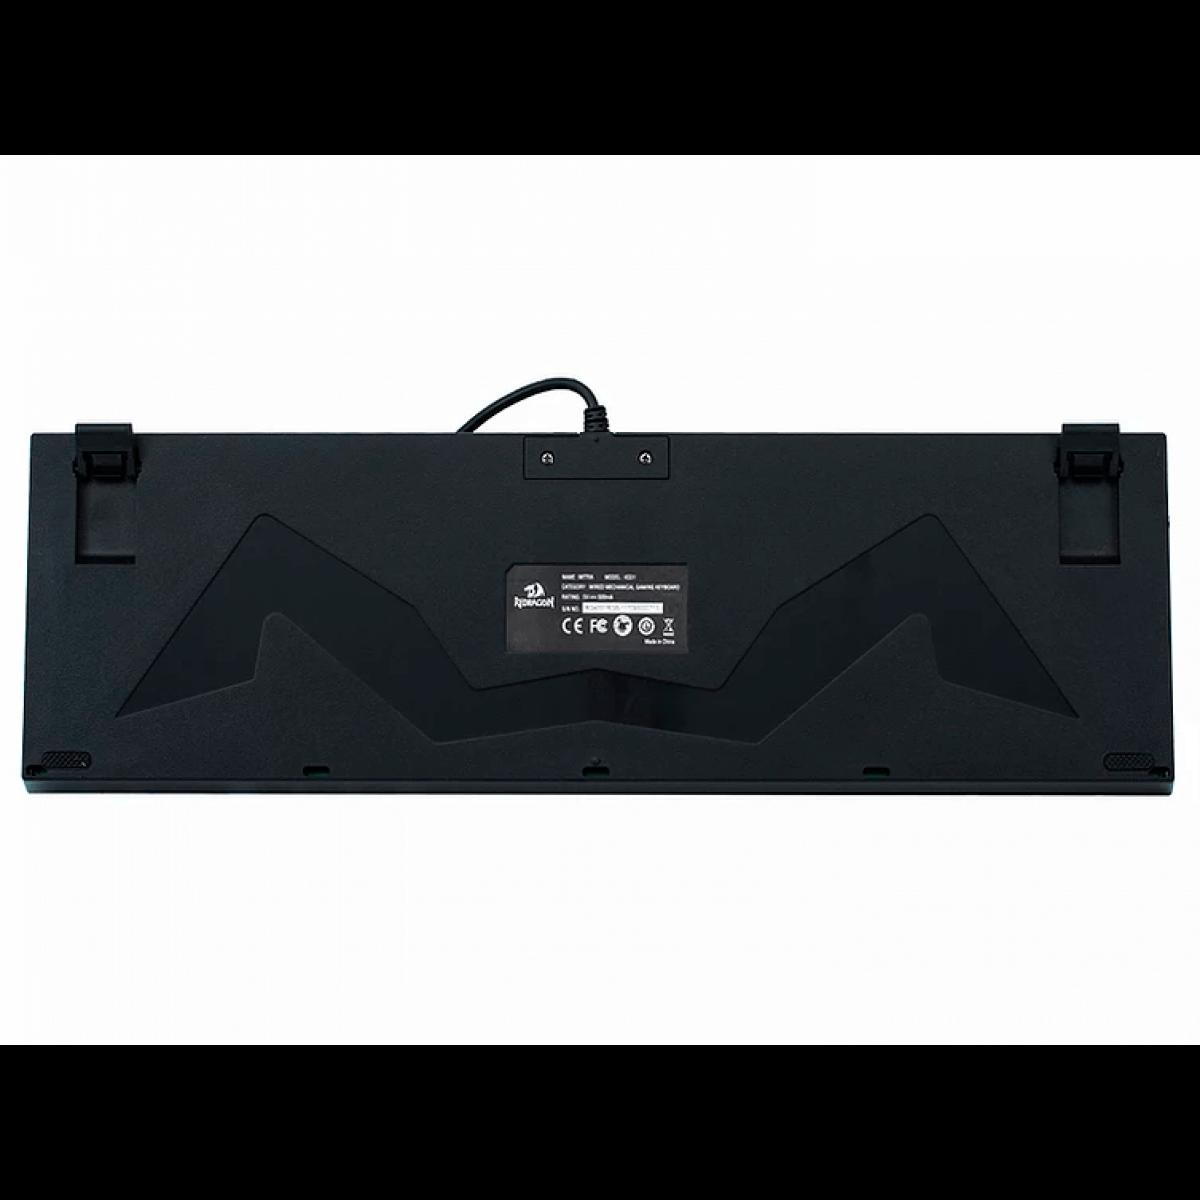 Teclado Mecanico Redragon Single Color Mitra Switch Blue K551-1